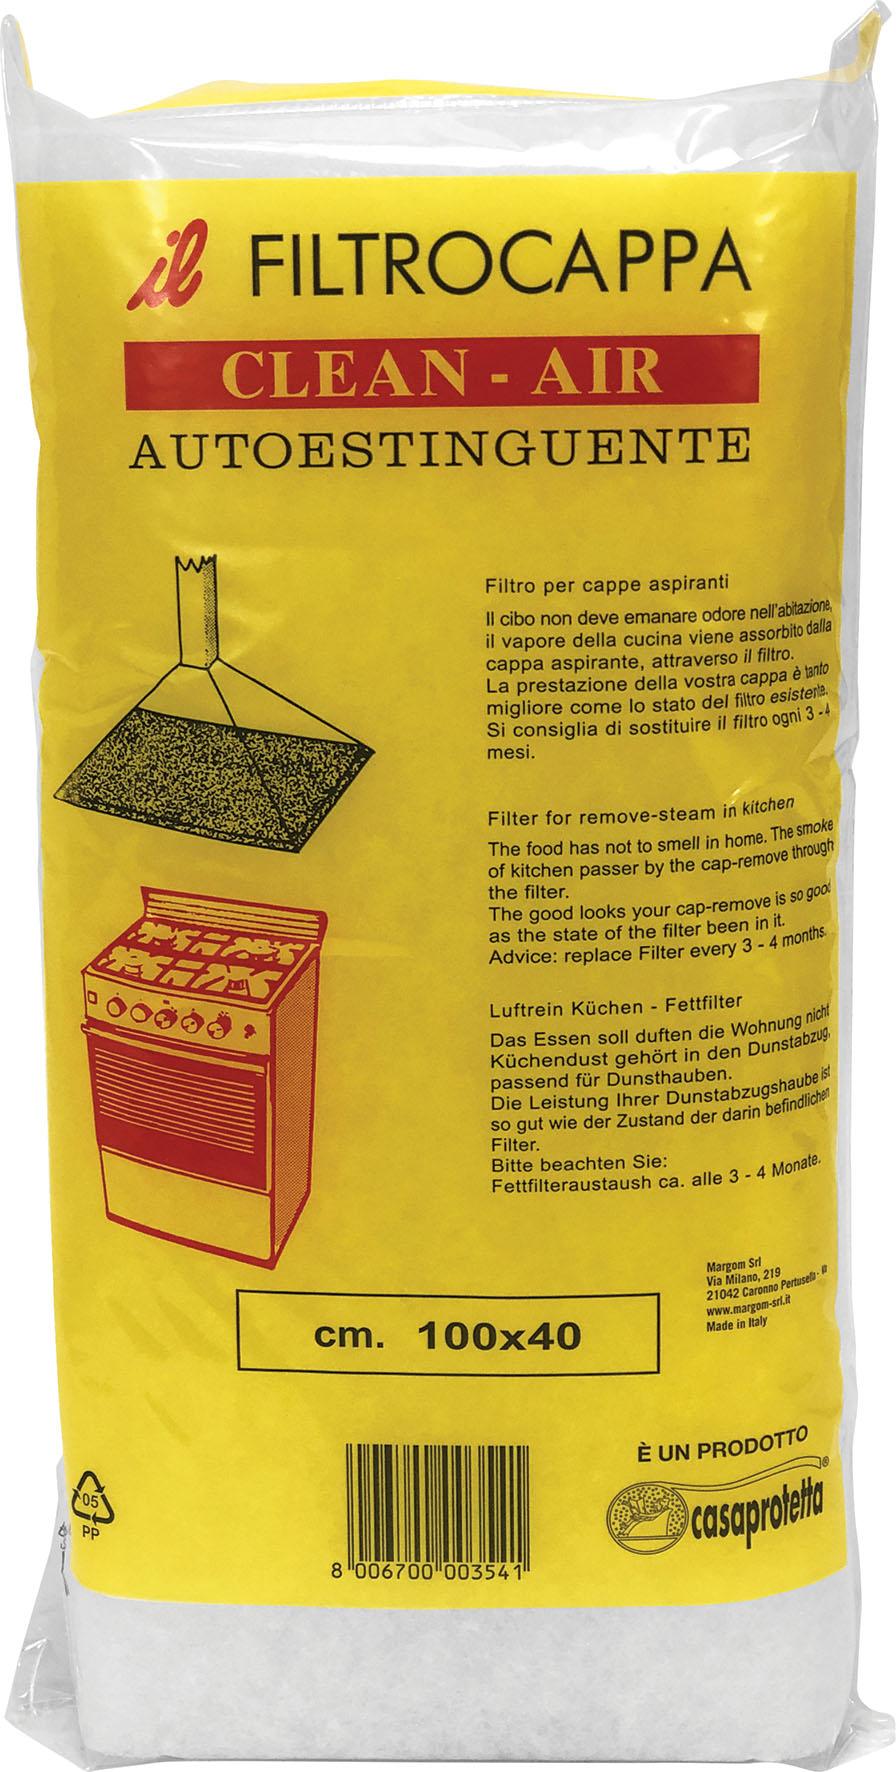 FILTRO CAPPE CLEAN-AIR 100X40